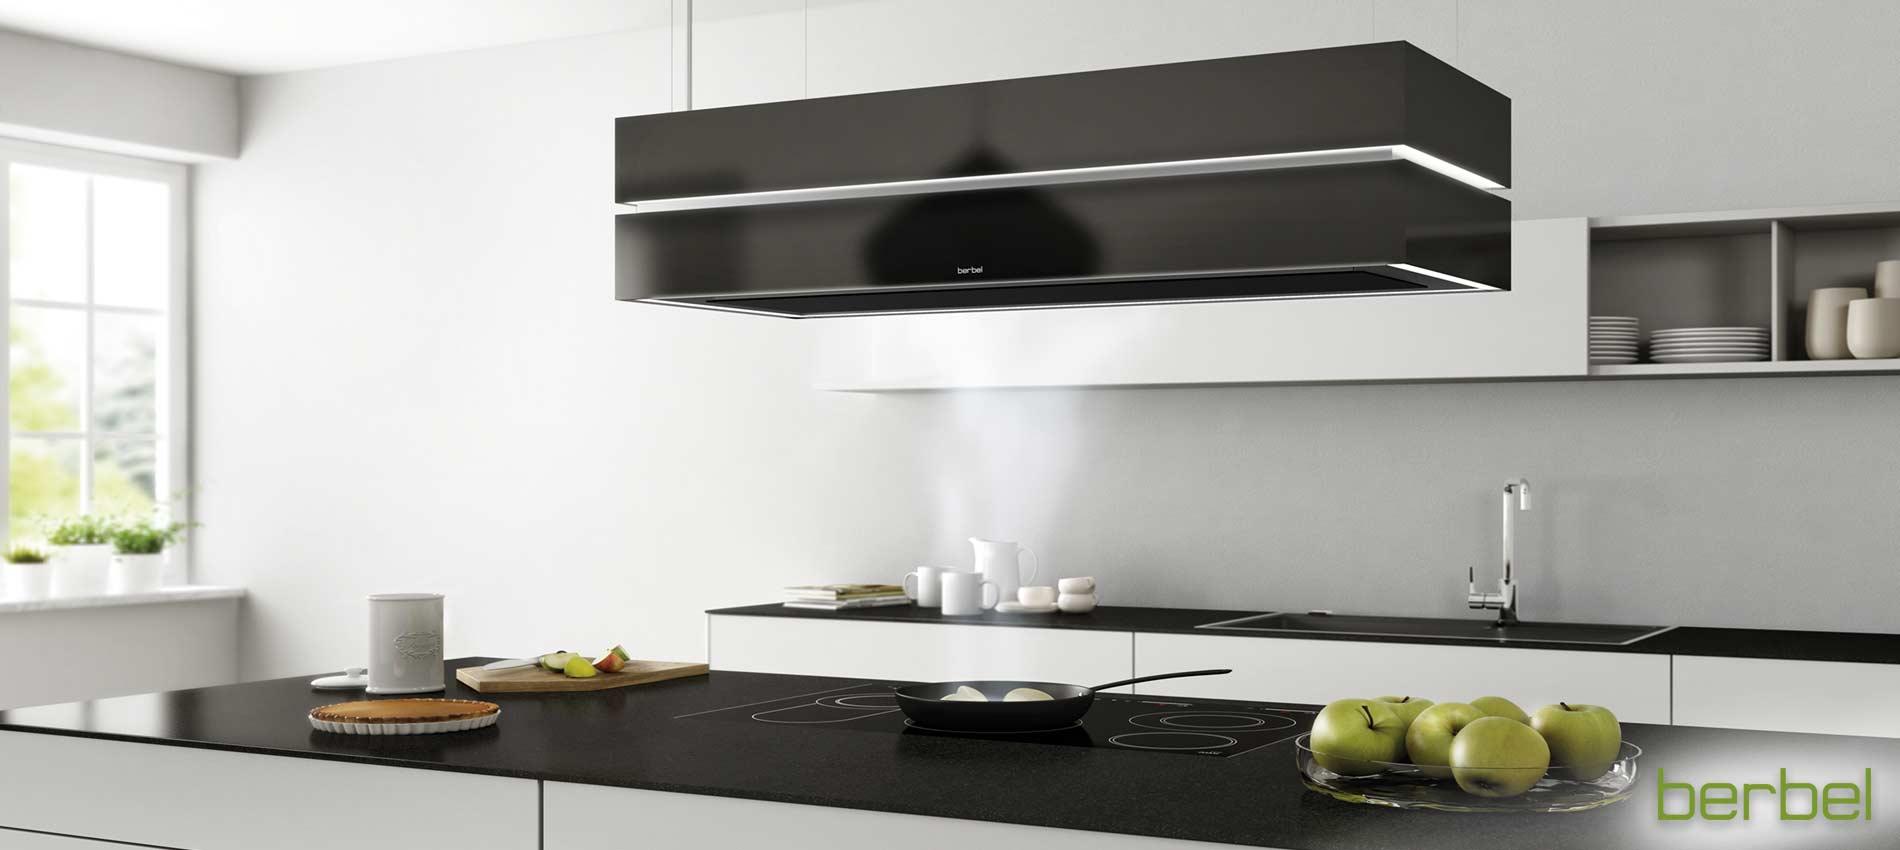 ausgezeichnet kuche dunstabzug fotos die besten wohnideen. Black Bedroom Furniture Sets. Home Design Ideas